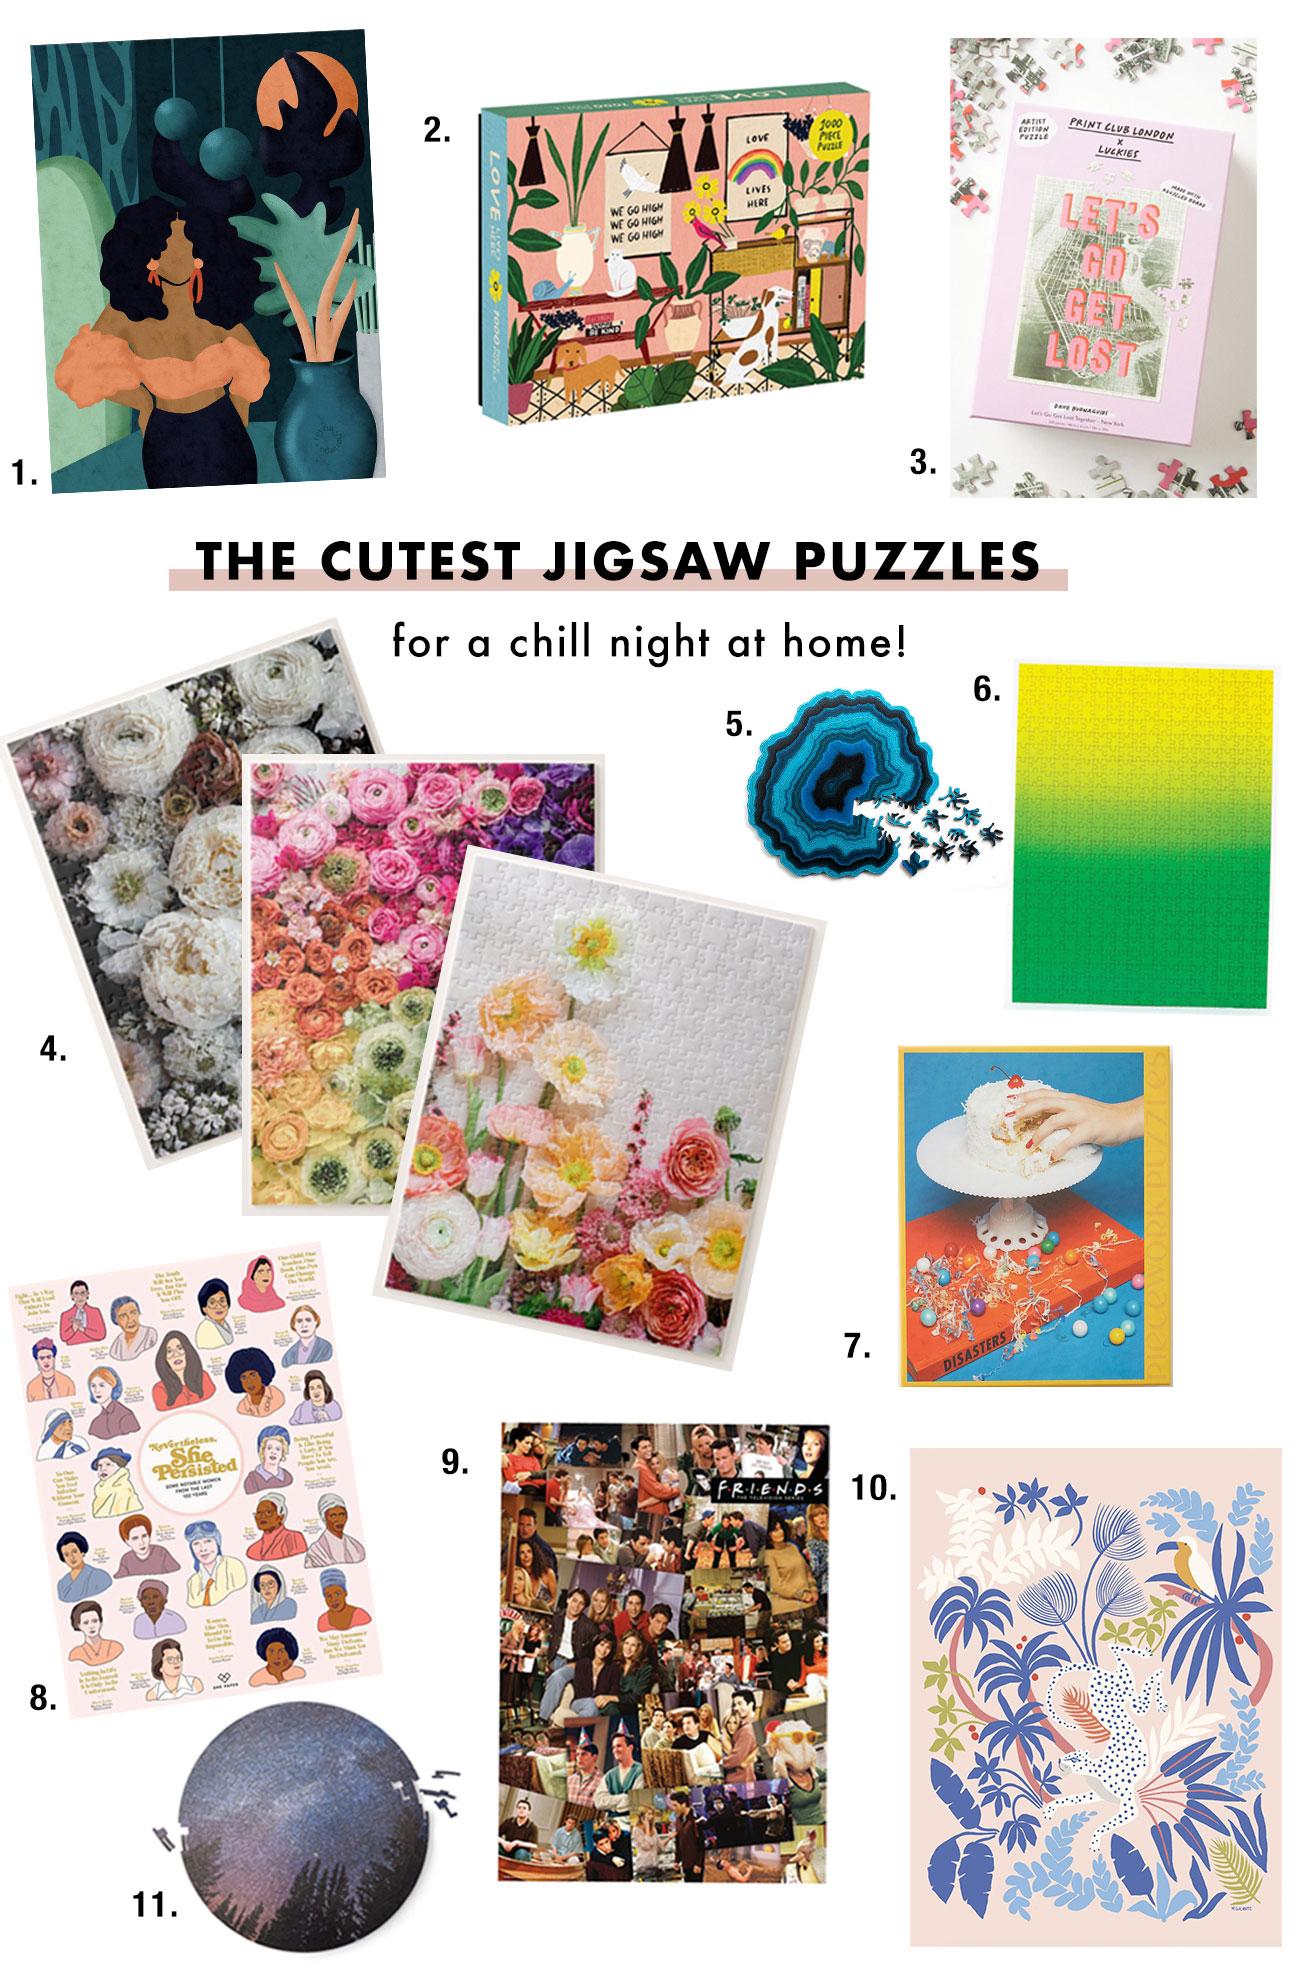 """https://greenweddingshoes.com/ """"width ="""" 1300 """"height ="""" 1967 """"srcset ="""" https://greenweddingshoes.com/wp-content/uploads/2020/05/Cute-Jigsaw-Puzzles.jpg 1300w, https : //i0.wp.com/greenweddingshoes.com/wp-content/uploads/2020/05/Cute-Jigsaw-Puzzles.jpg? resize = 198 300 198w, https://i0.wp.com/greenweddingshoes.com/ wp-content / uploads / 2020/05 / Cute-Jigsaw-Puzzles.jpg? resize = 677,1024 677w, https://i0.wp.com/greenweddingshoes.com/wp-content/uploads/2020/05/Cute -Jigsaw-Puzzles.jpg? Resize = 768,1162 768w, https://i0.wp.com/greenweddingshoes.com/wp-content/uploads/2020/05/Cute-Jigsaw-Puzzles.jpg?resize=800, 1210 800w, https://i0.wp.com/greenweddingshoes.com/wp-content/uploads/2020/05/Cute-Jigsaw-Puzzles.jpg?resize=400,605 400w, https://i0.wp.com/ greenweddingshoes.com/wp-content/uploads/2020/05/Cute-Jigsaw-Puzzles.jpg?resize=1015,1536 1015w, https://i0.wp.com/greenweddingshoes.com/wp-content/uploads/2020 /05/Cute-Jigsaw-Puzzles.jpg?resize=300,454 300w """"tailles ="""" (largeur max: 1300px) 100vw, 1300px """"/> 1. Reyna 450 Casse-tête + kit de conservation par Jiggy 40 $ // 2. Lives Here Casse-tête de 1000 pièces pour adultes 30 $ // 3. Let's Go Get Lost 500 pièces Puzzle 28 $ // // 4. GWS Floral Puzzles 18 $ - 63 $ // 5. Geode Puzzle 65 $ // 6. Puzzle Gradient de 500 pièces (disponible en 4 couleurs) 25 $ // 7. Puzzle 1000 pièces Life of the Party 36 $ // 8. Néanmoins, elle a persisté Puzzle 1000 pièces 25 $ // 9. Puzzle 1000 pièces Friends 20 $ // 9 Puzzle Jungle Cat 50 pièces + Kit de préservation par Jiggy 40 $ // 11. Puzzle en bois Night Sky 90 $</p> <h4 style="""